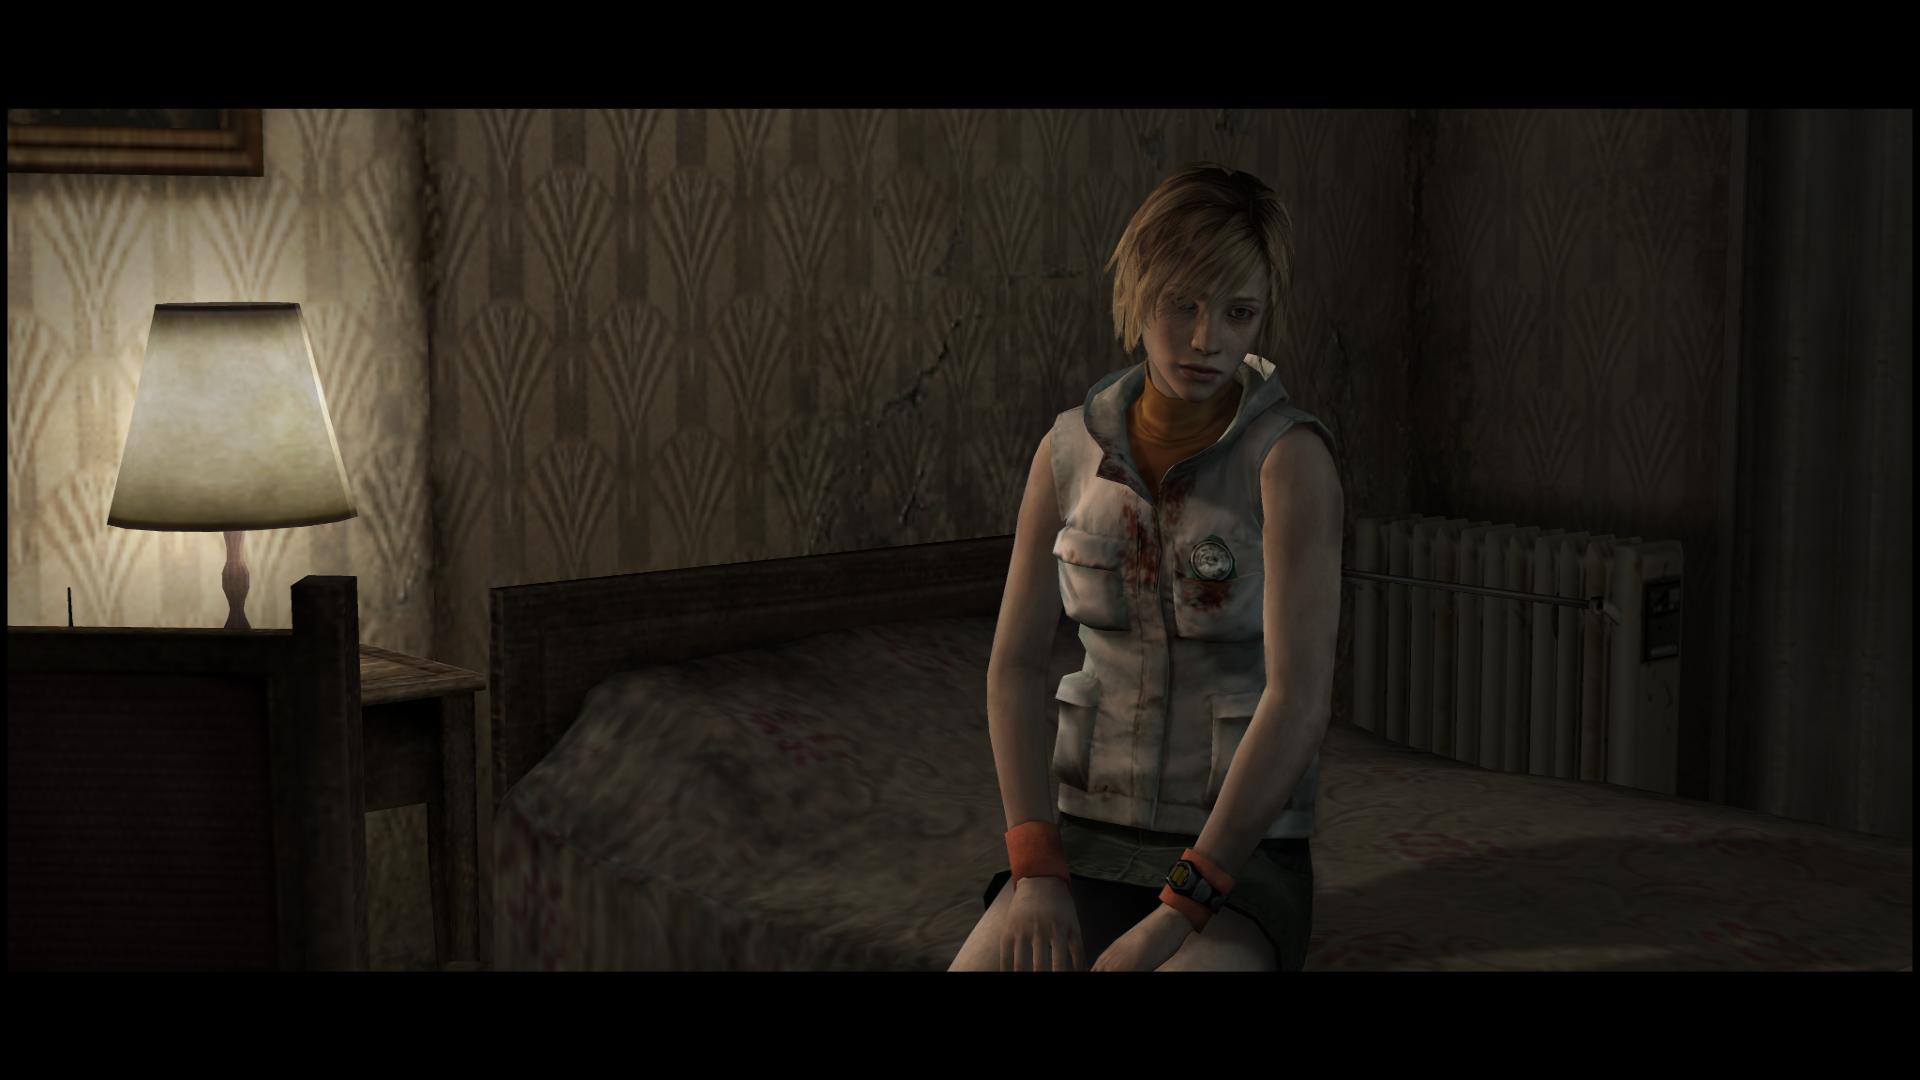 Mai szemmel - Silent Hill 3 (2003)